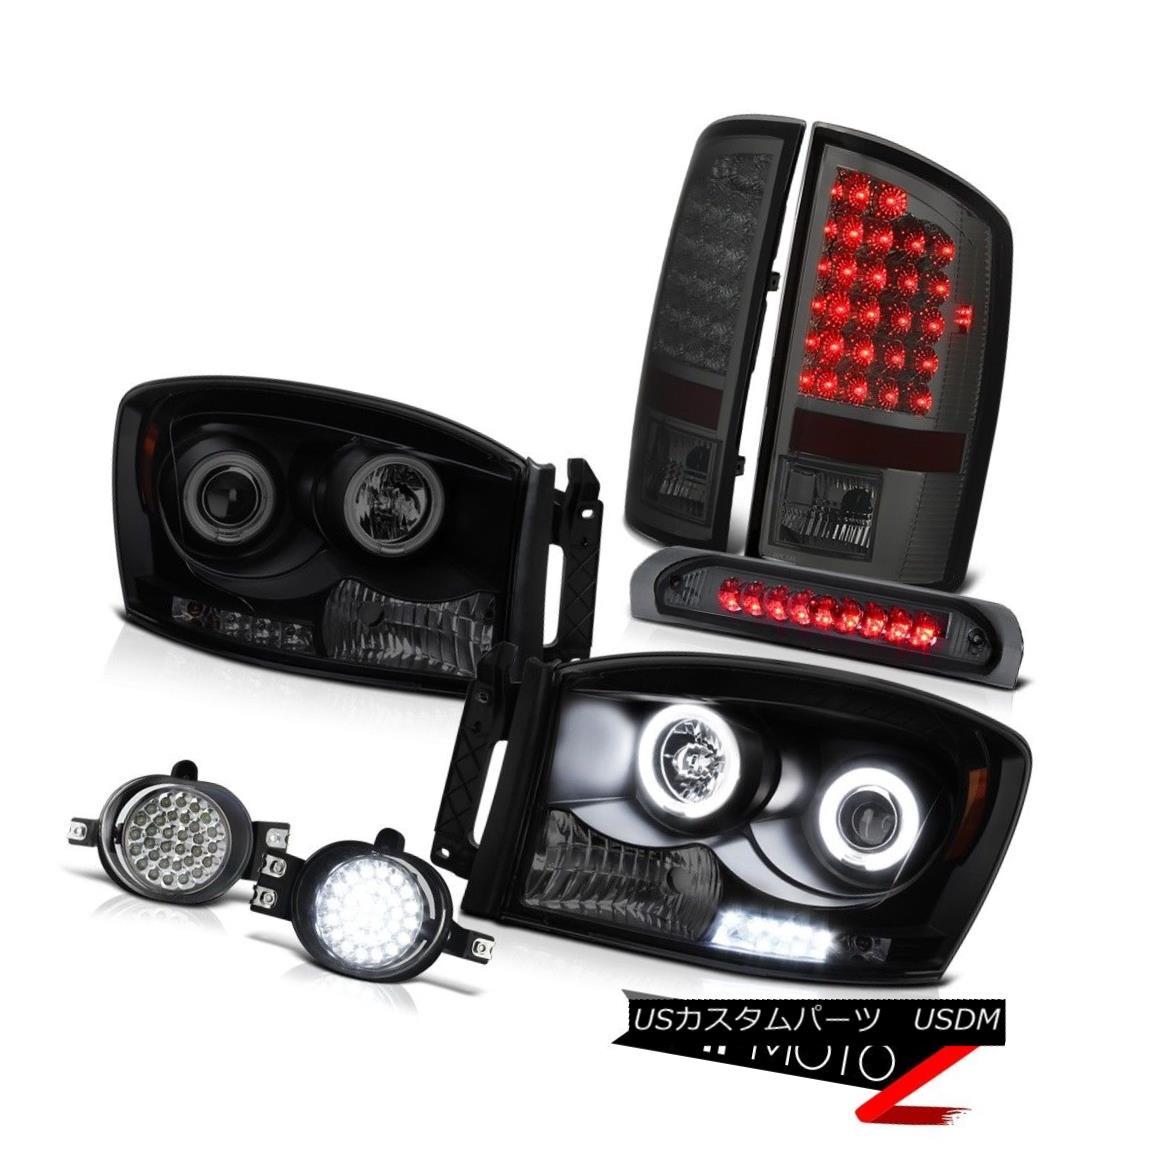 ヘッドライト DODGE RAM 2006 [BRIGHTEST] CCFL Halo Rim Headlights Lamp Third Brake Tail Lights DODGE RAM 2006 [鮮やか] CCFL Halo RimヘッドライトランプThird Brake Tail Lights